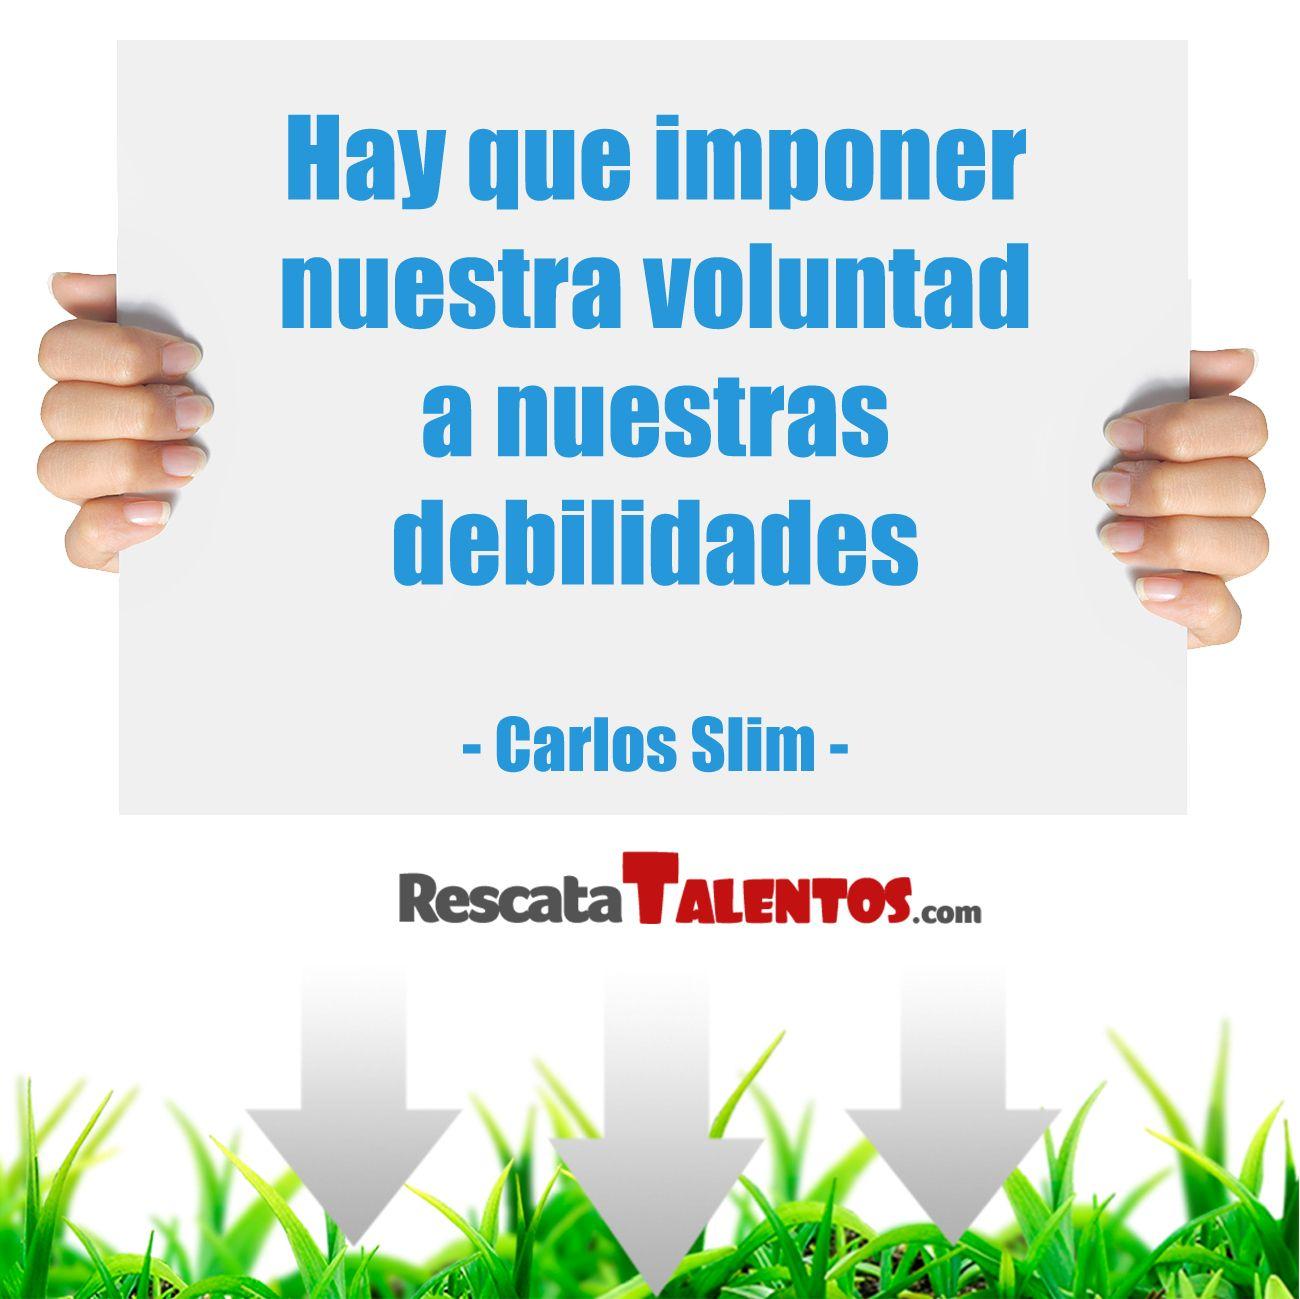 ¿Voluntad o Debilidades...? ✔ http://bit.ly/1dxWea2 goo.gl/v0wEOo  http://social.rescatatalentos.com/wp-content/uploads/2013/11/Hay-que-imponer-nuestra-voluntad-a-nuestras-debilidades-Carlos-Slim-1024x1024.jpg